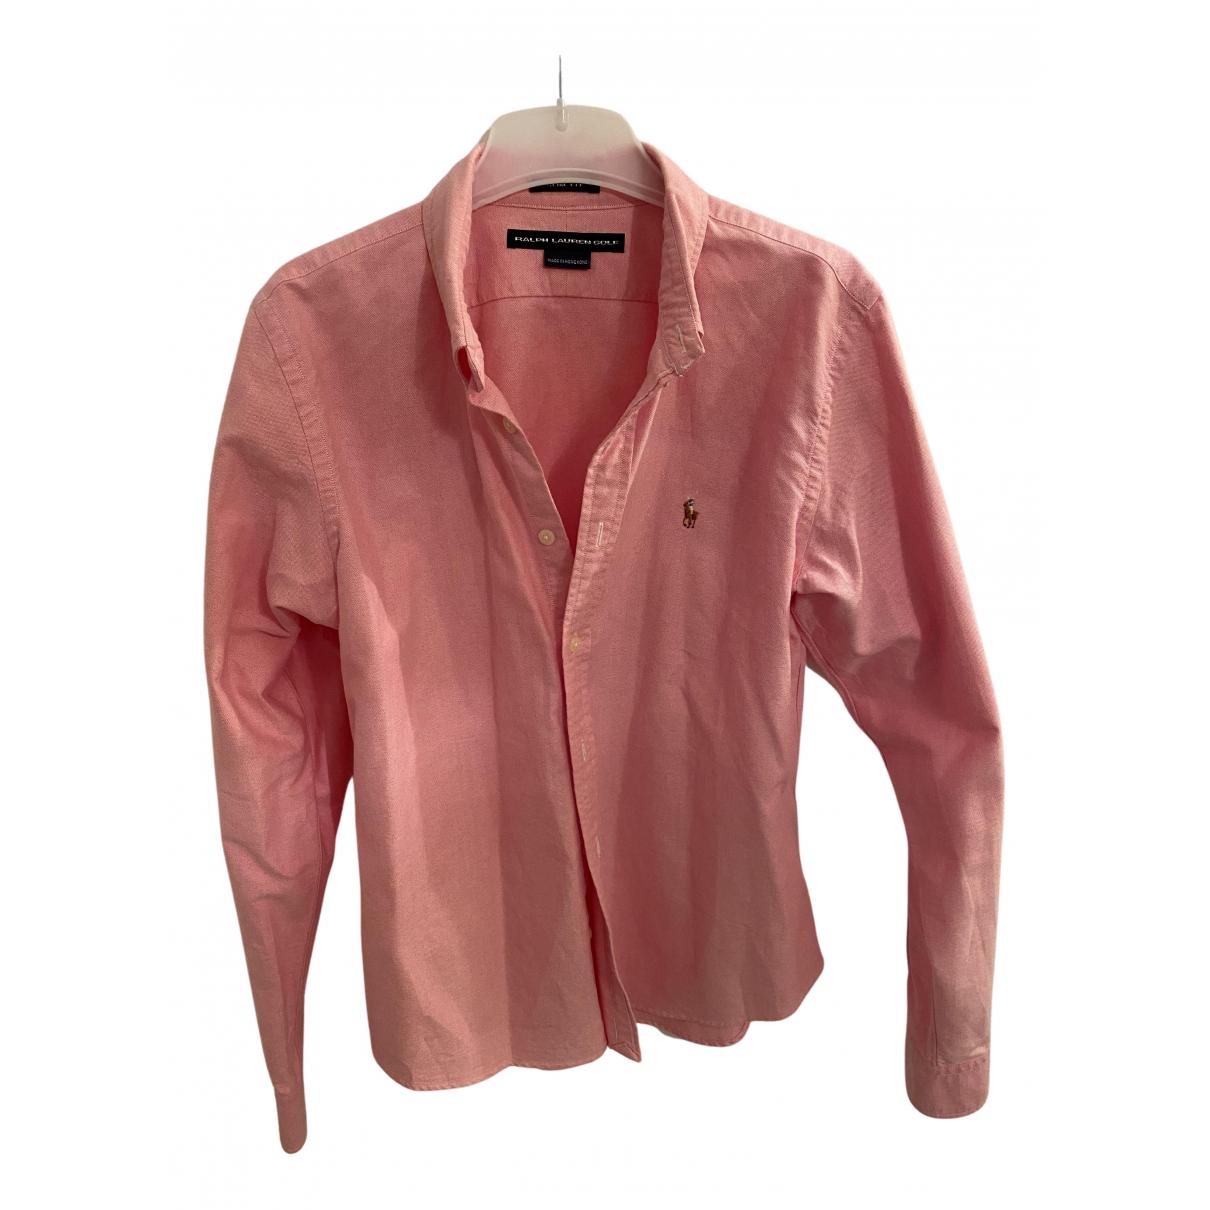 Camisa Polo classique manches longues Polo Ralph Lauren